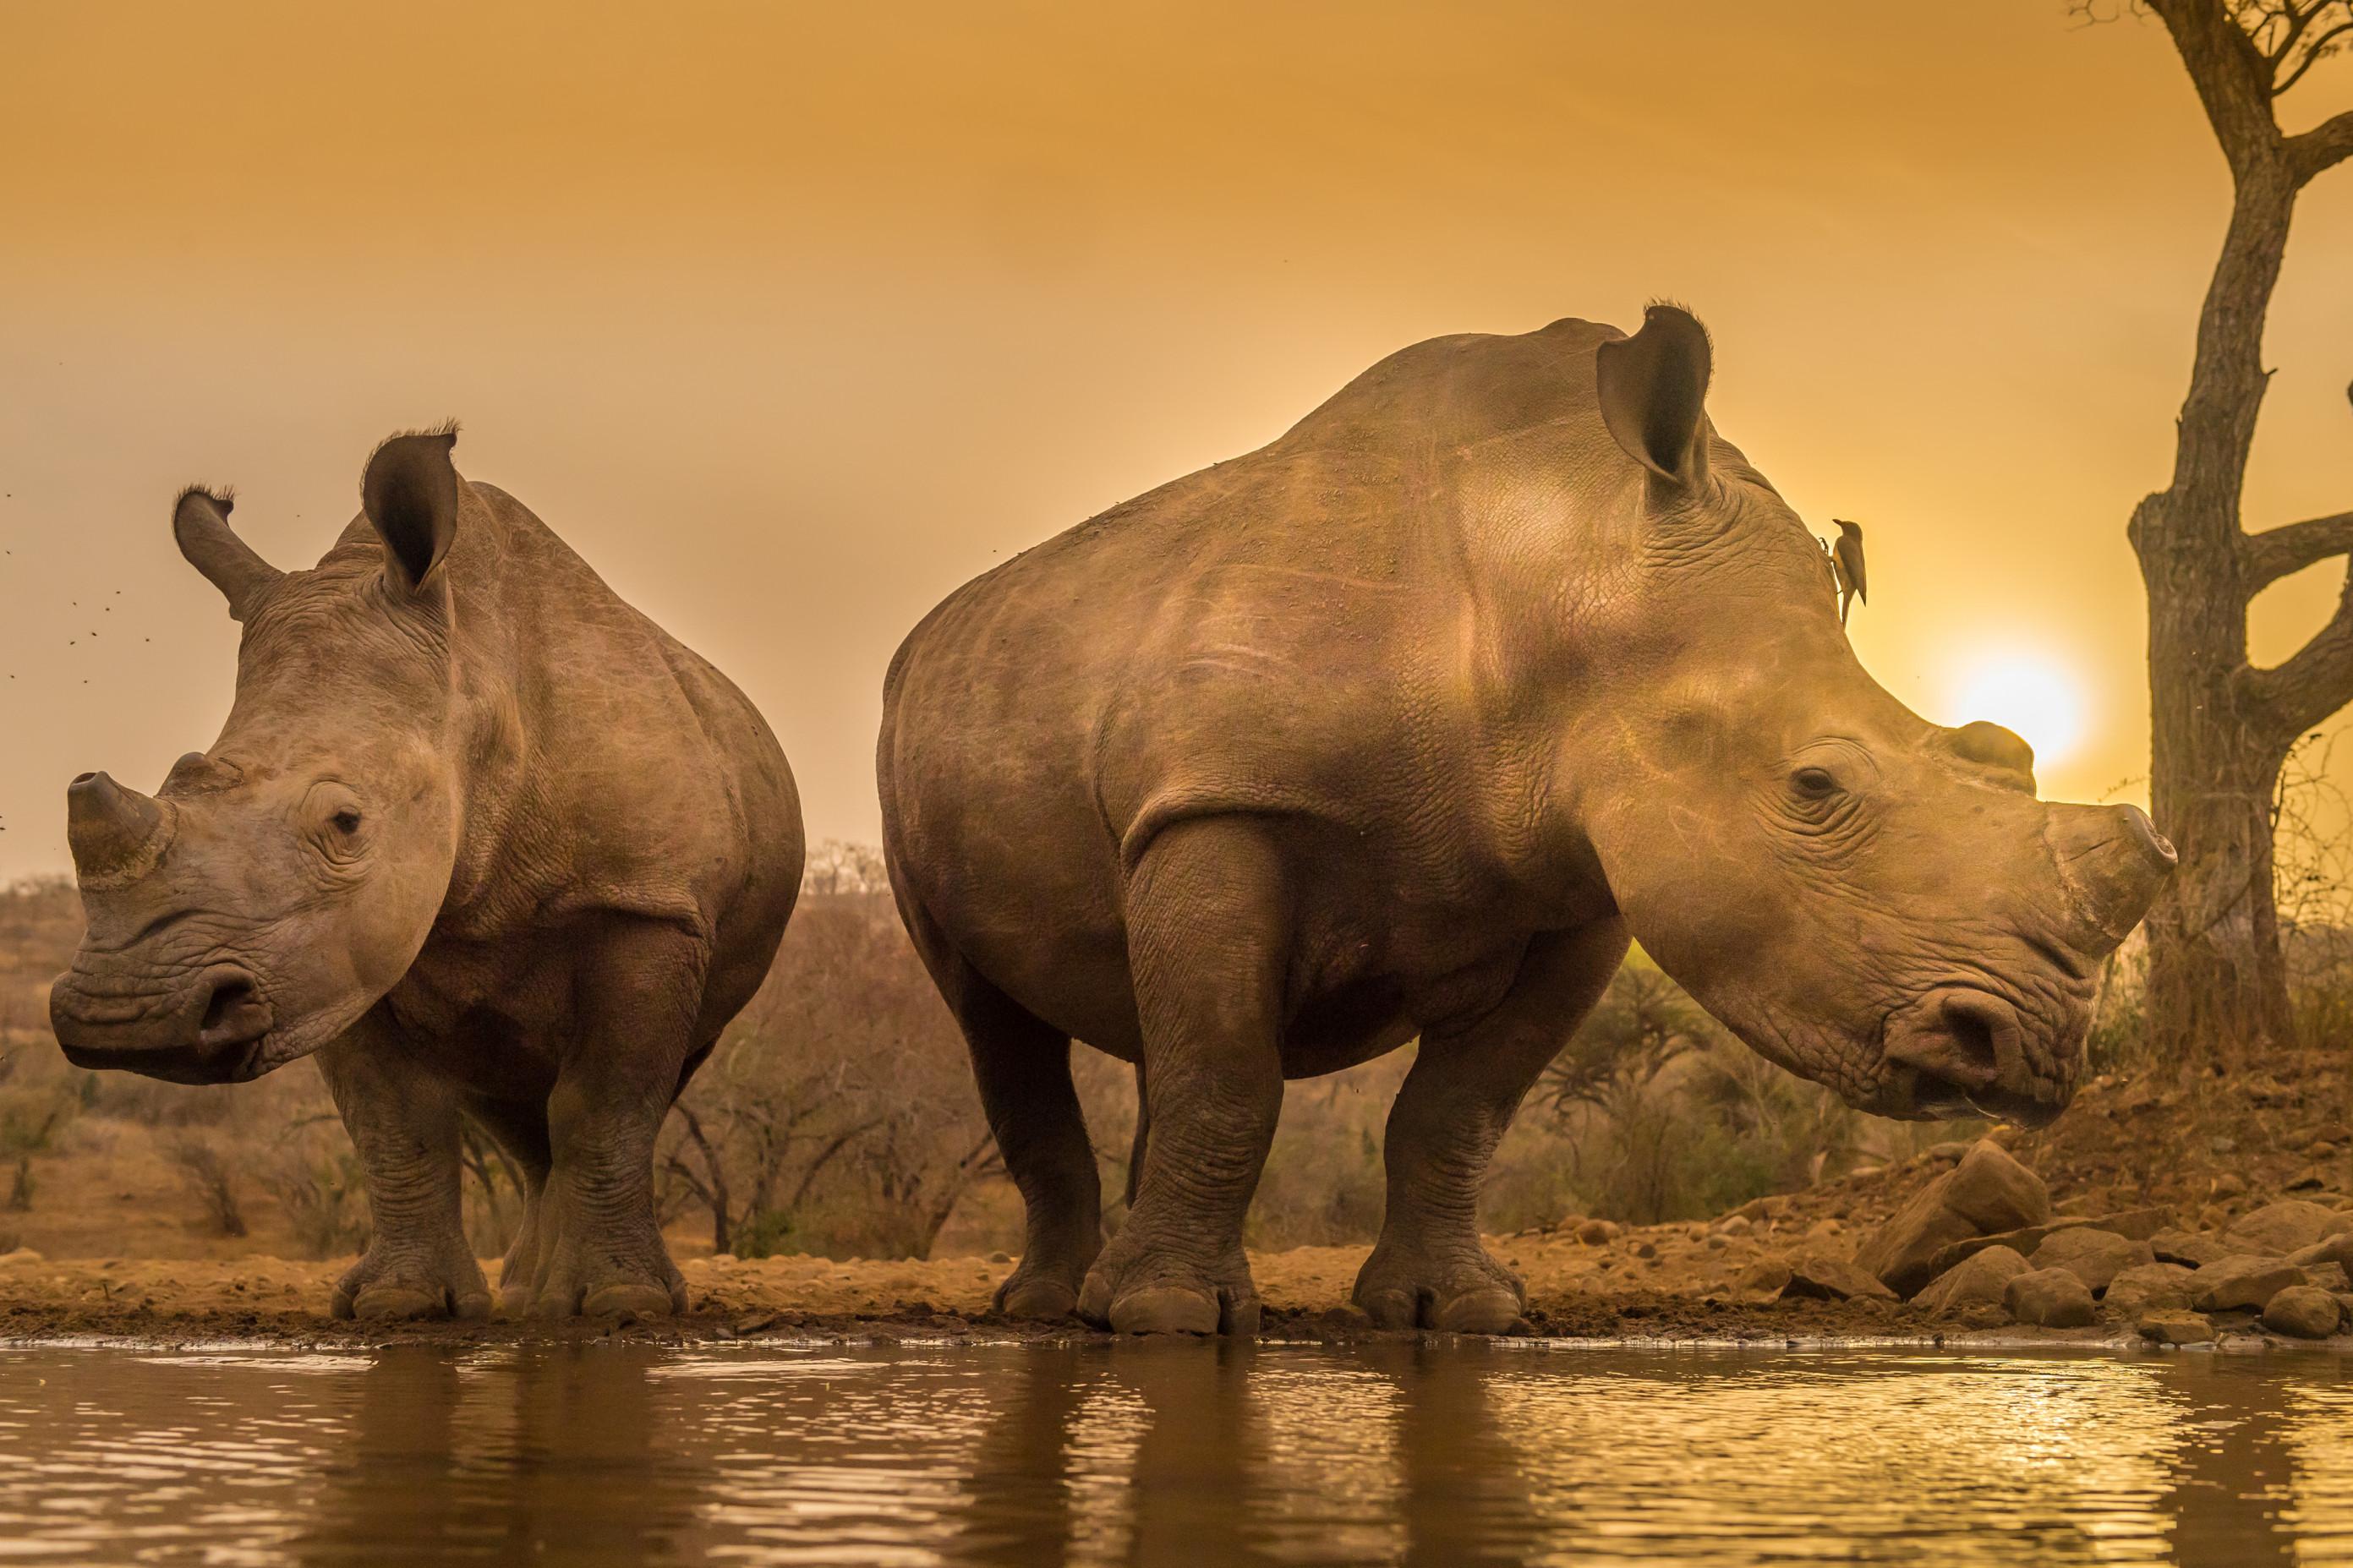 wildlife zimanga 6794